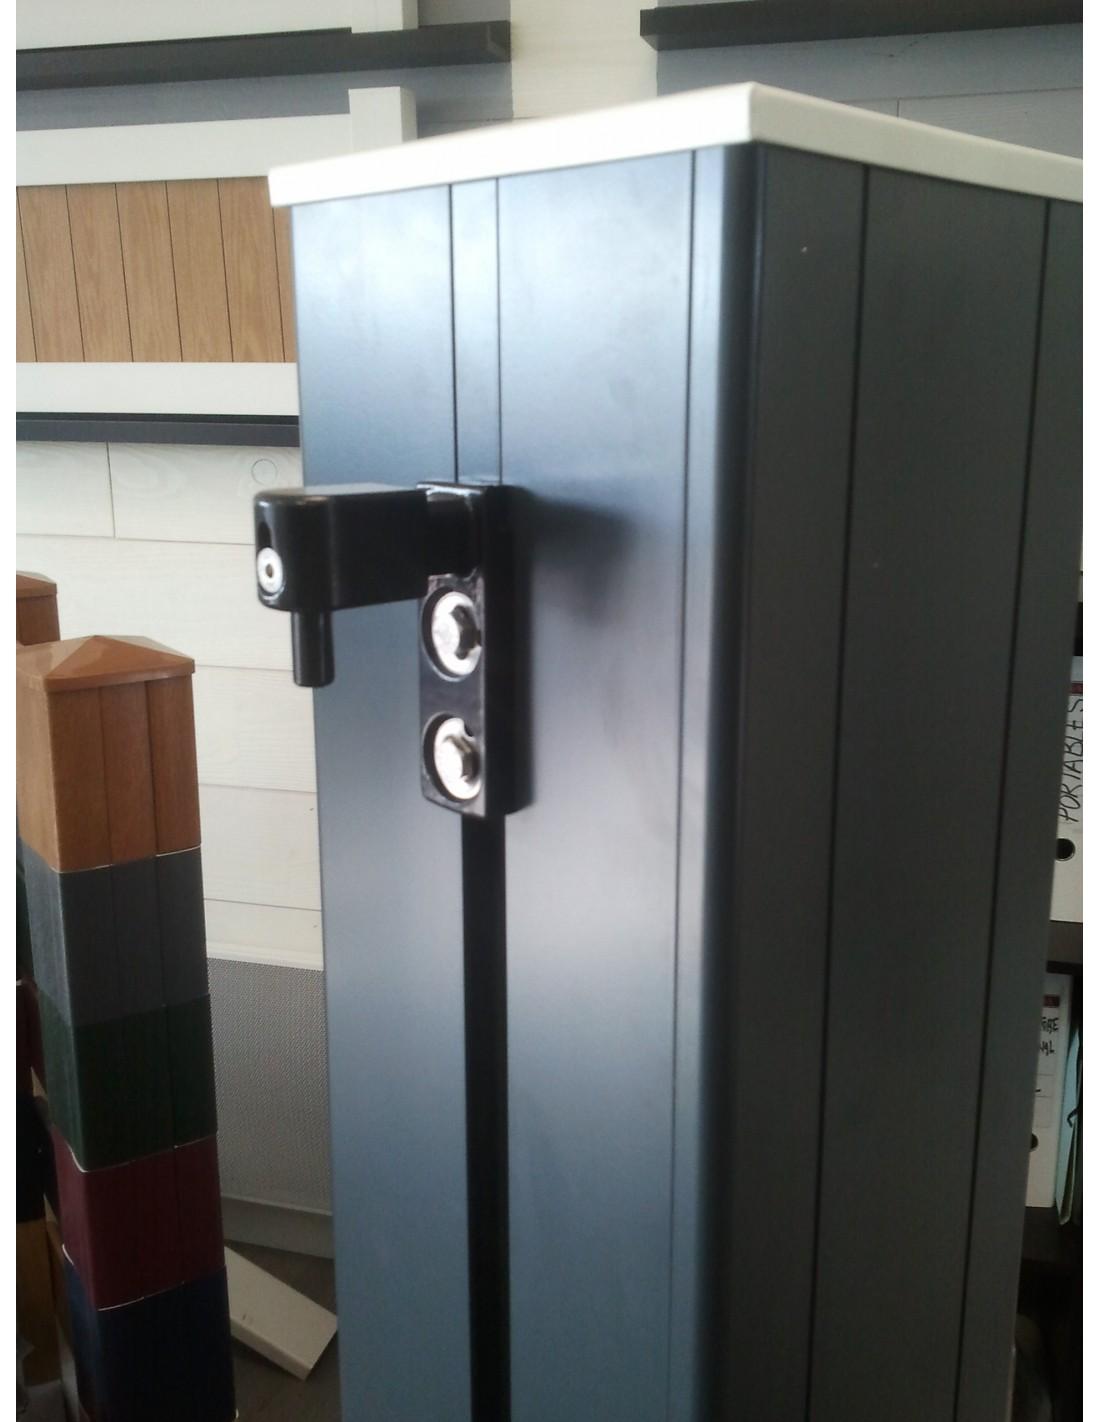 Poteau pilier de portail aluminium 198x198 - Poteau aluminium pour cloture ...